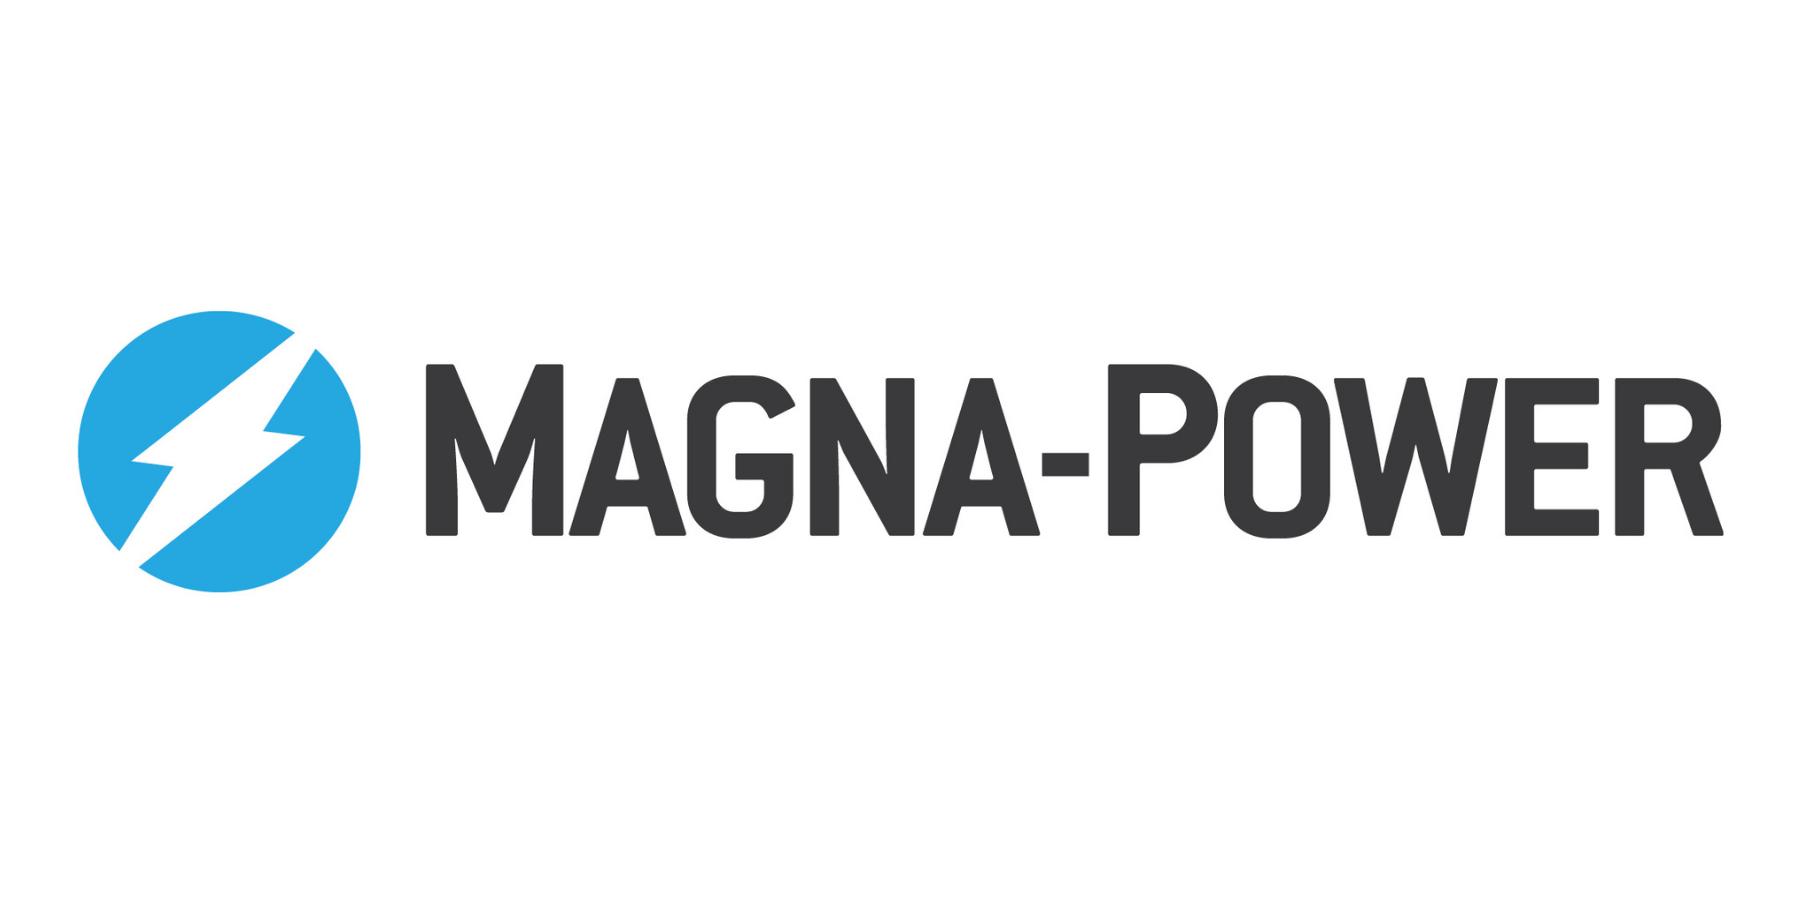 Magna Power